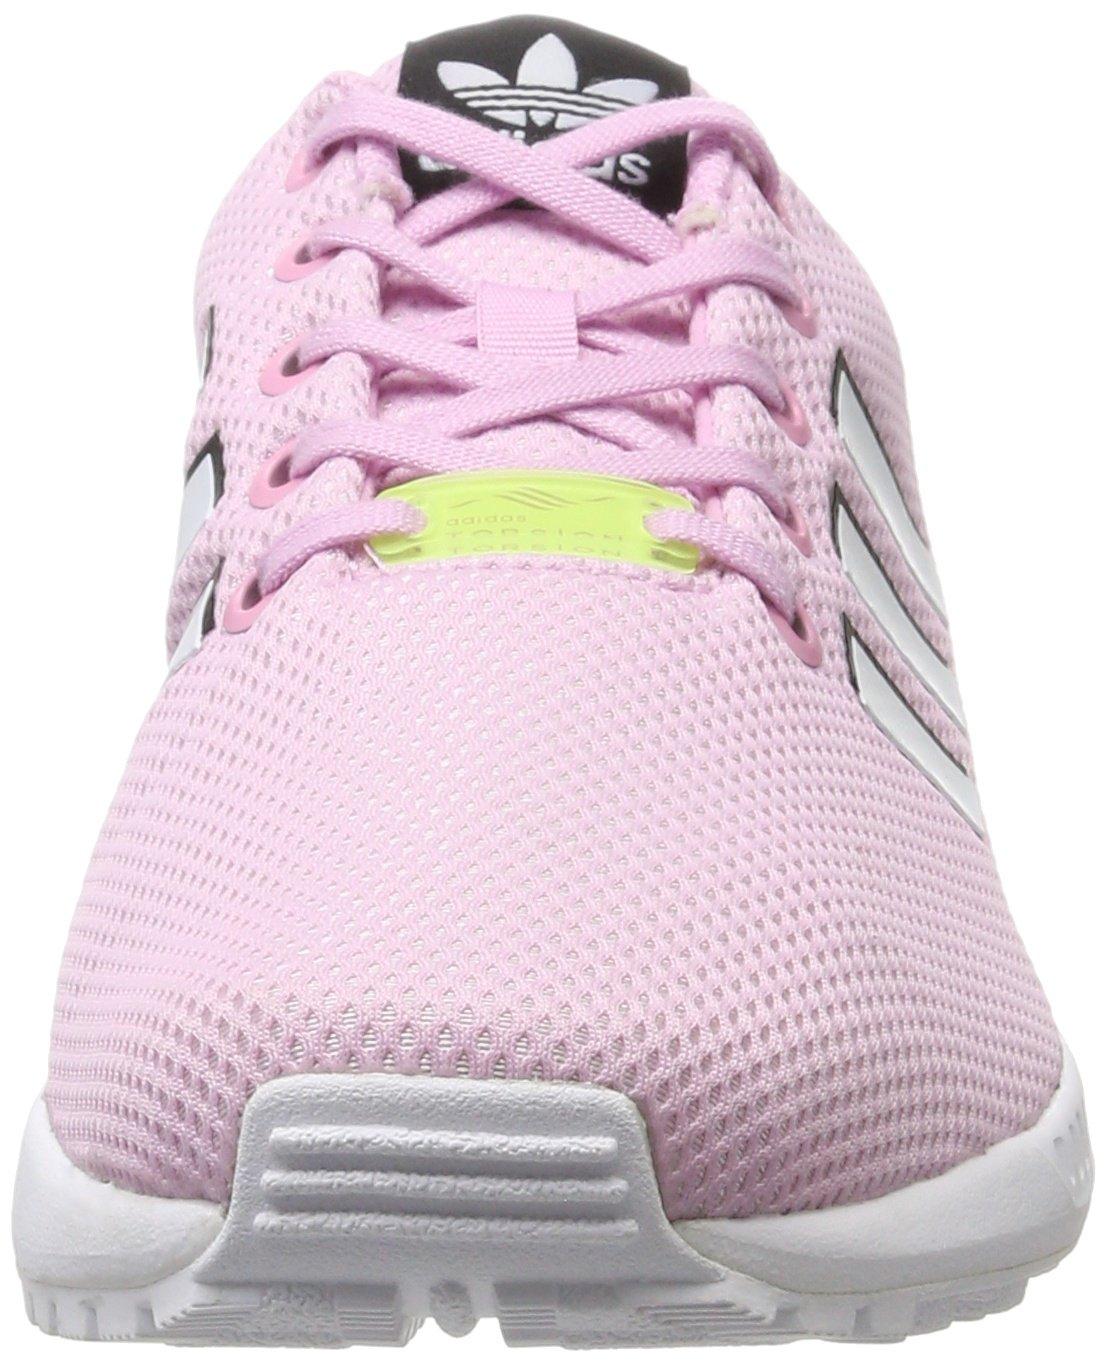 978061732 ... closeout adidas zx flux j zapatillas zapatillas rosa flux de deporte  unisex niños rosa rosesc ftwbla